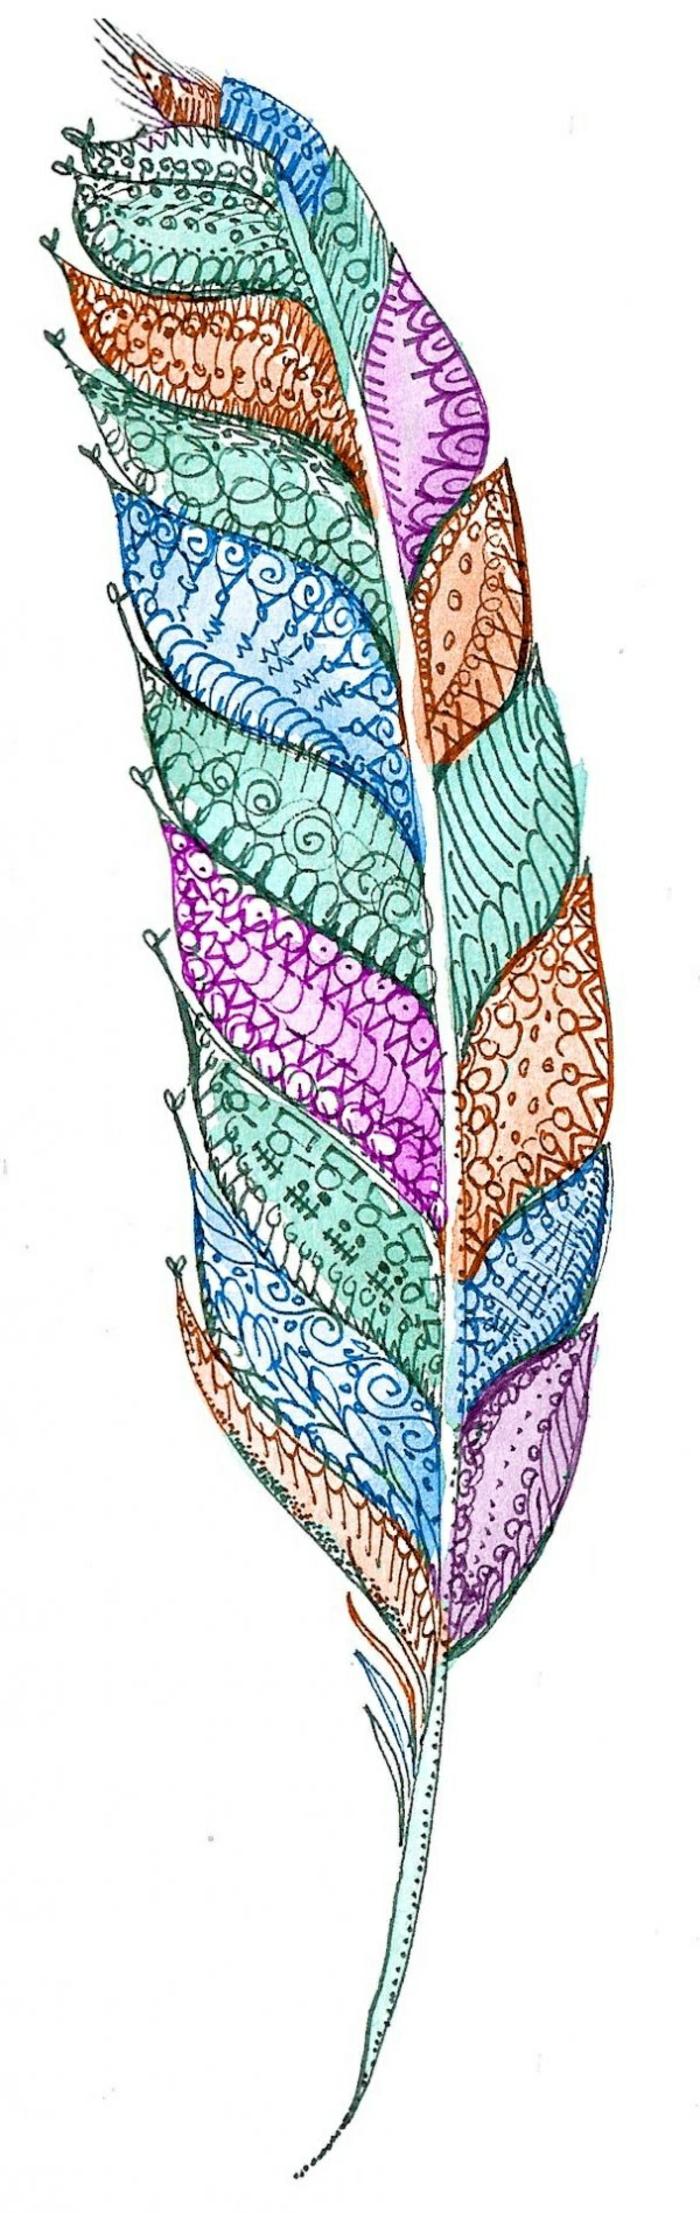 ejemplos de tatuajes en el brazo con plumas, pluma colorida con ornamentos pintada con pinturas acuarela